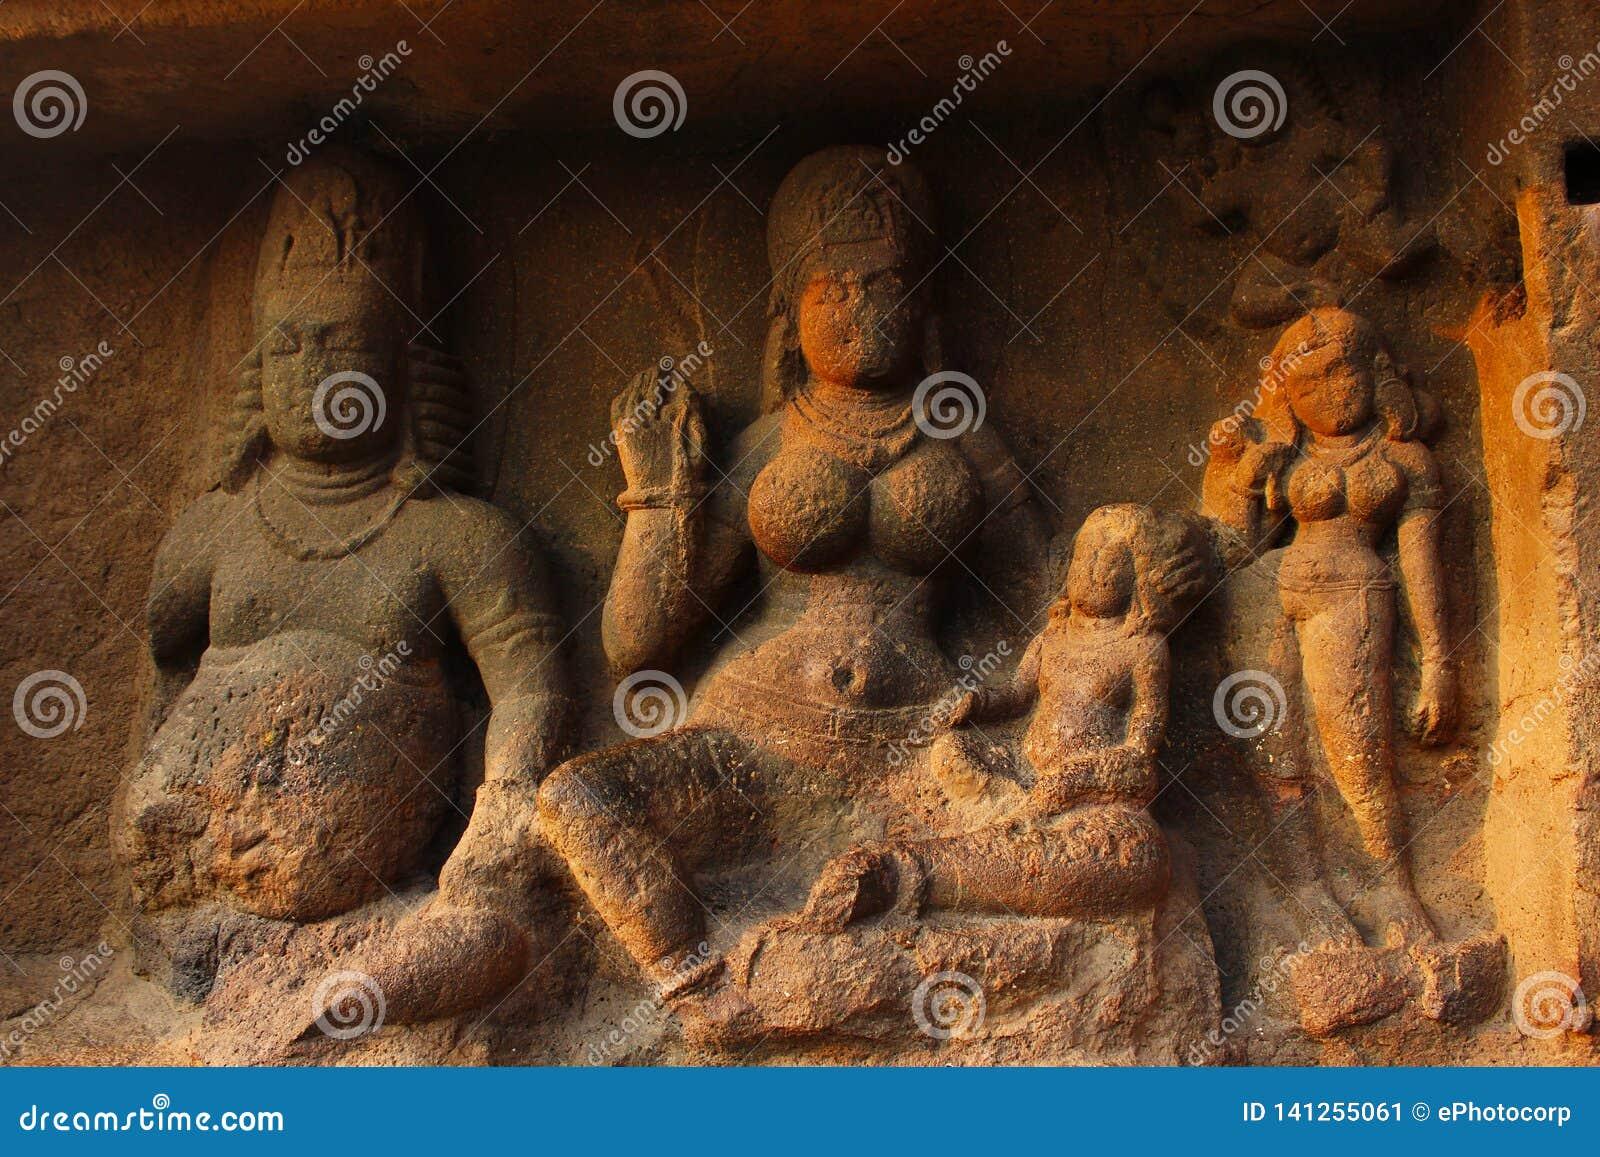 Yaksha Jambhala坐与他的妻子,阿里迪,抱她的一她的膝部的五百个孩子,洞8,埃洛拉石窟,